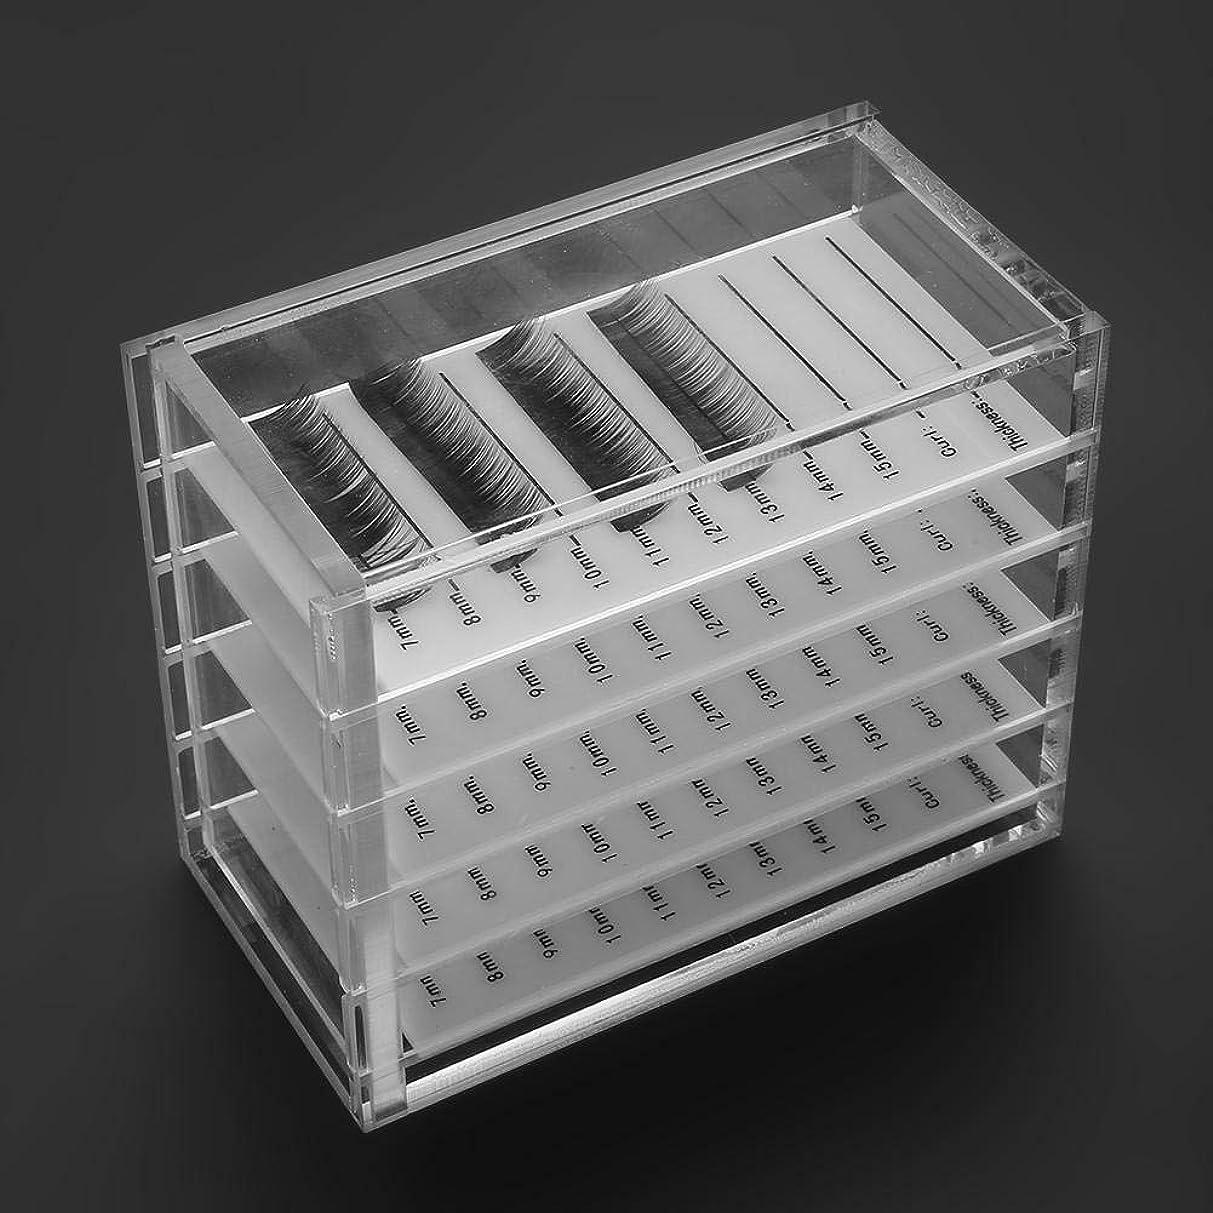 まつげ収納 5層 アクリルケース コスメボックス ジュエリー まつげパレット 小物収納ボックス透明 卓上化粧ボックス アクリル収納